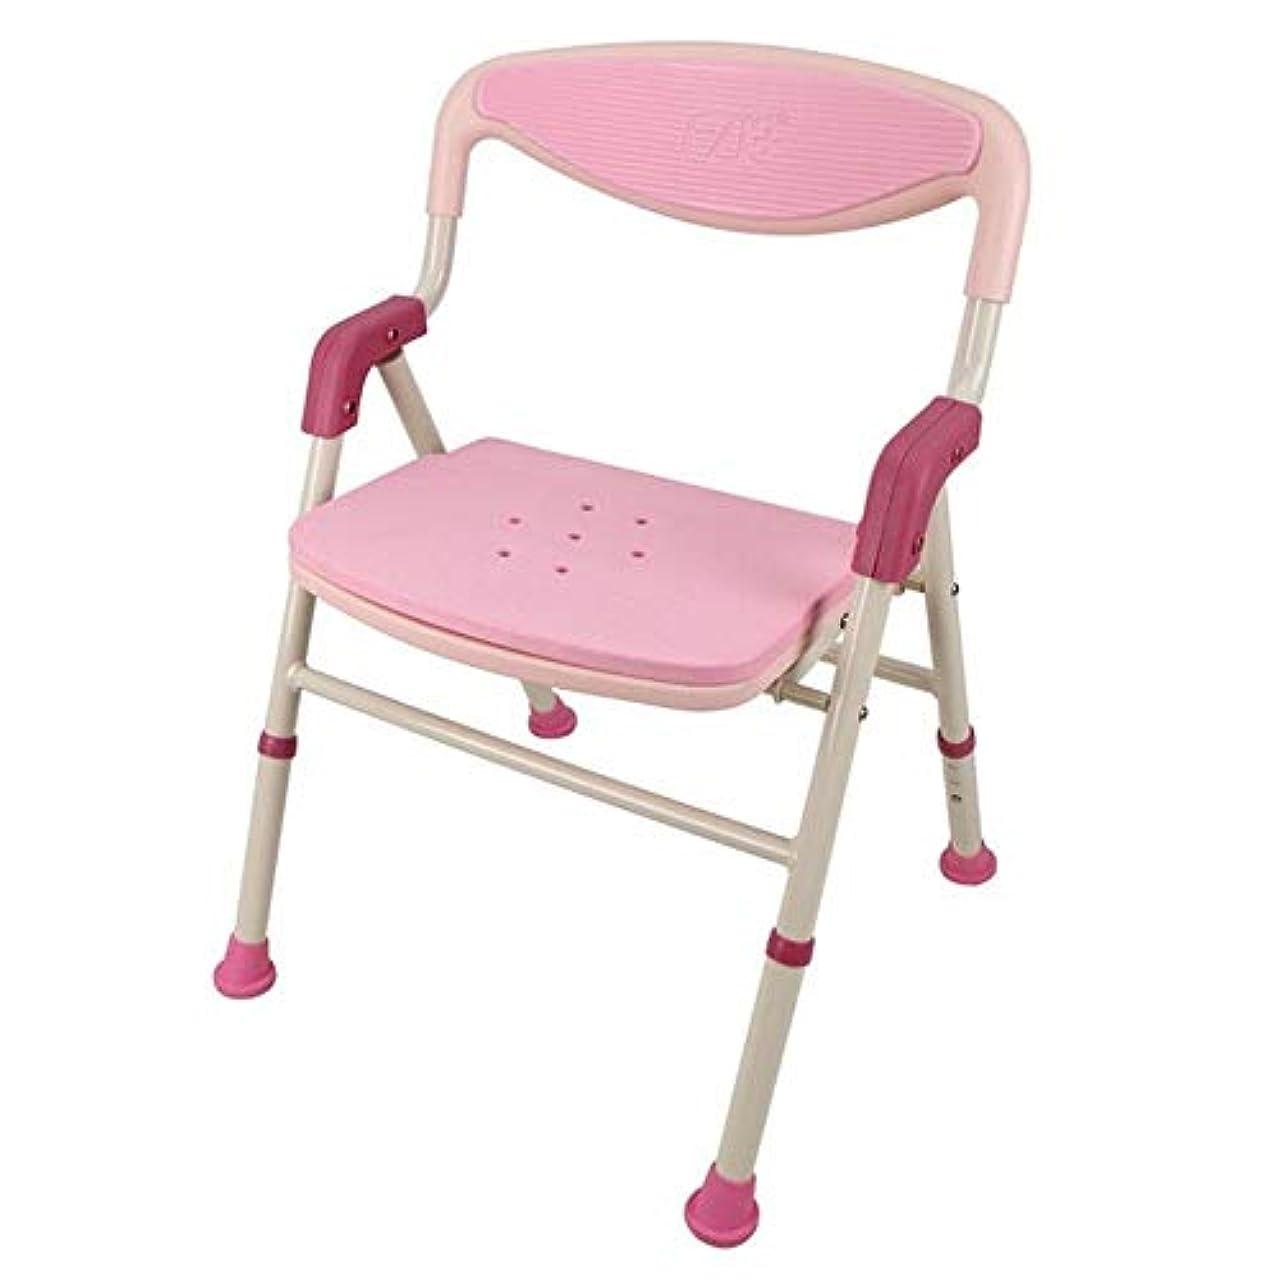 是正しょっぱい化合物浴室の腰掛けのアルミニウムシャワーの座席椅子の滑り止めの高さの調節可能な障害援助